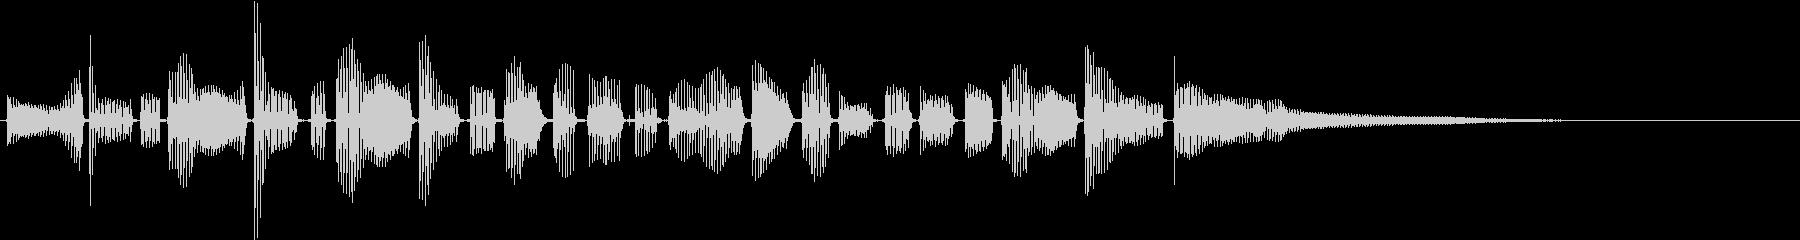 口ハープ:音楽アクセントの未再生の波形